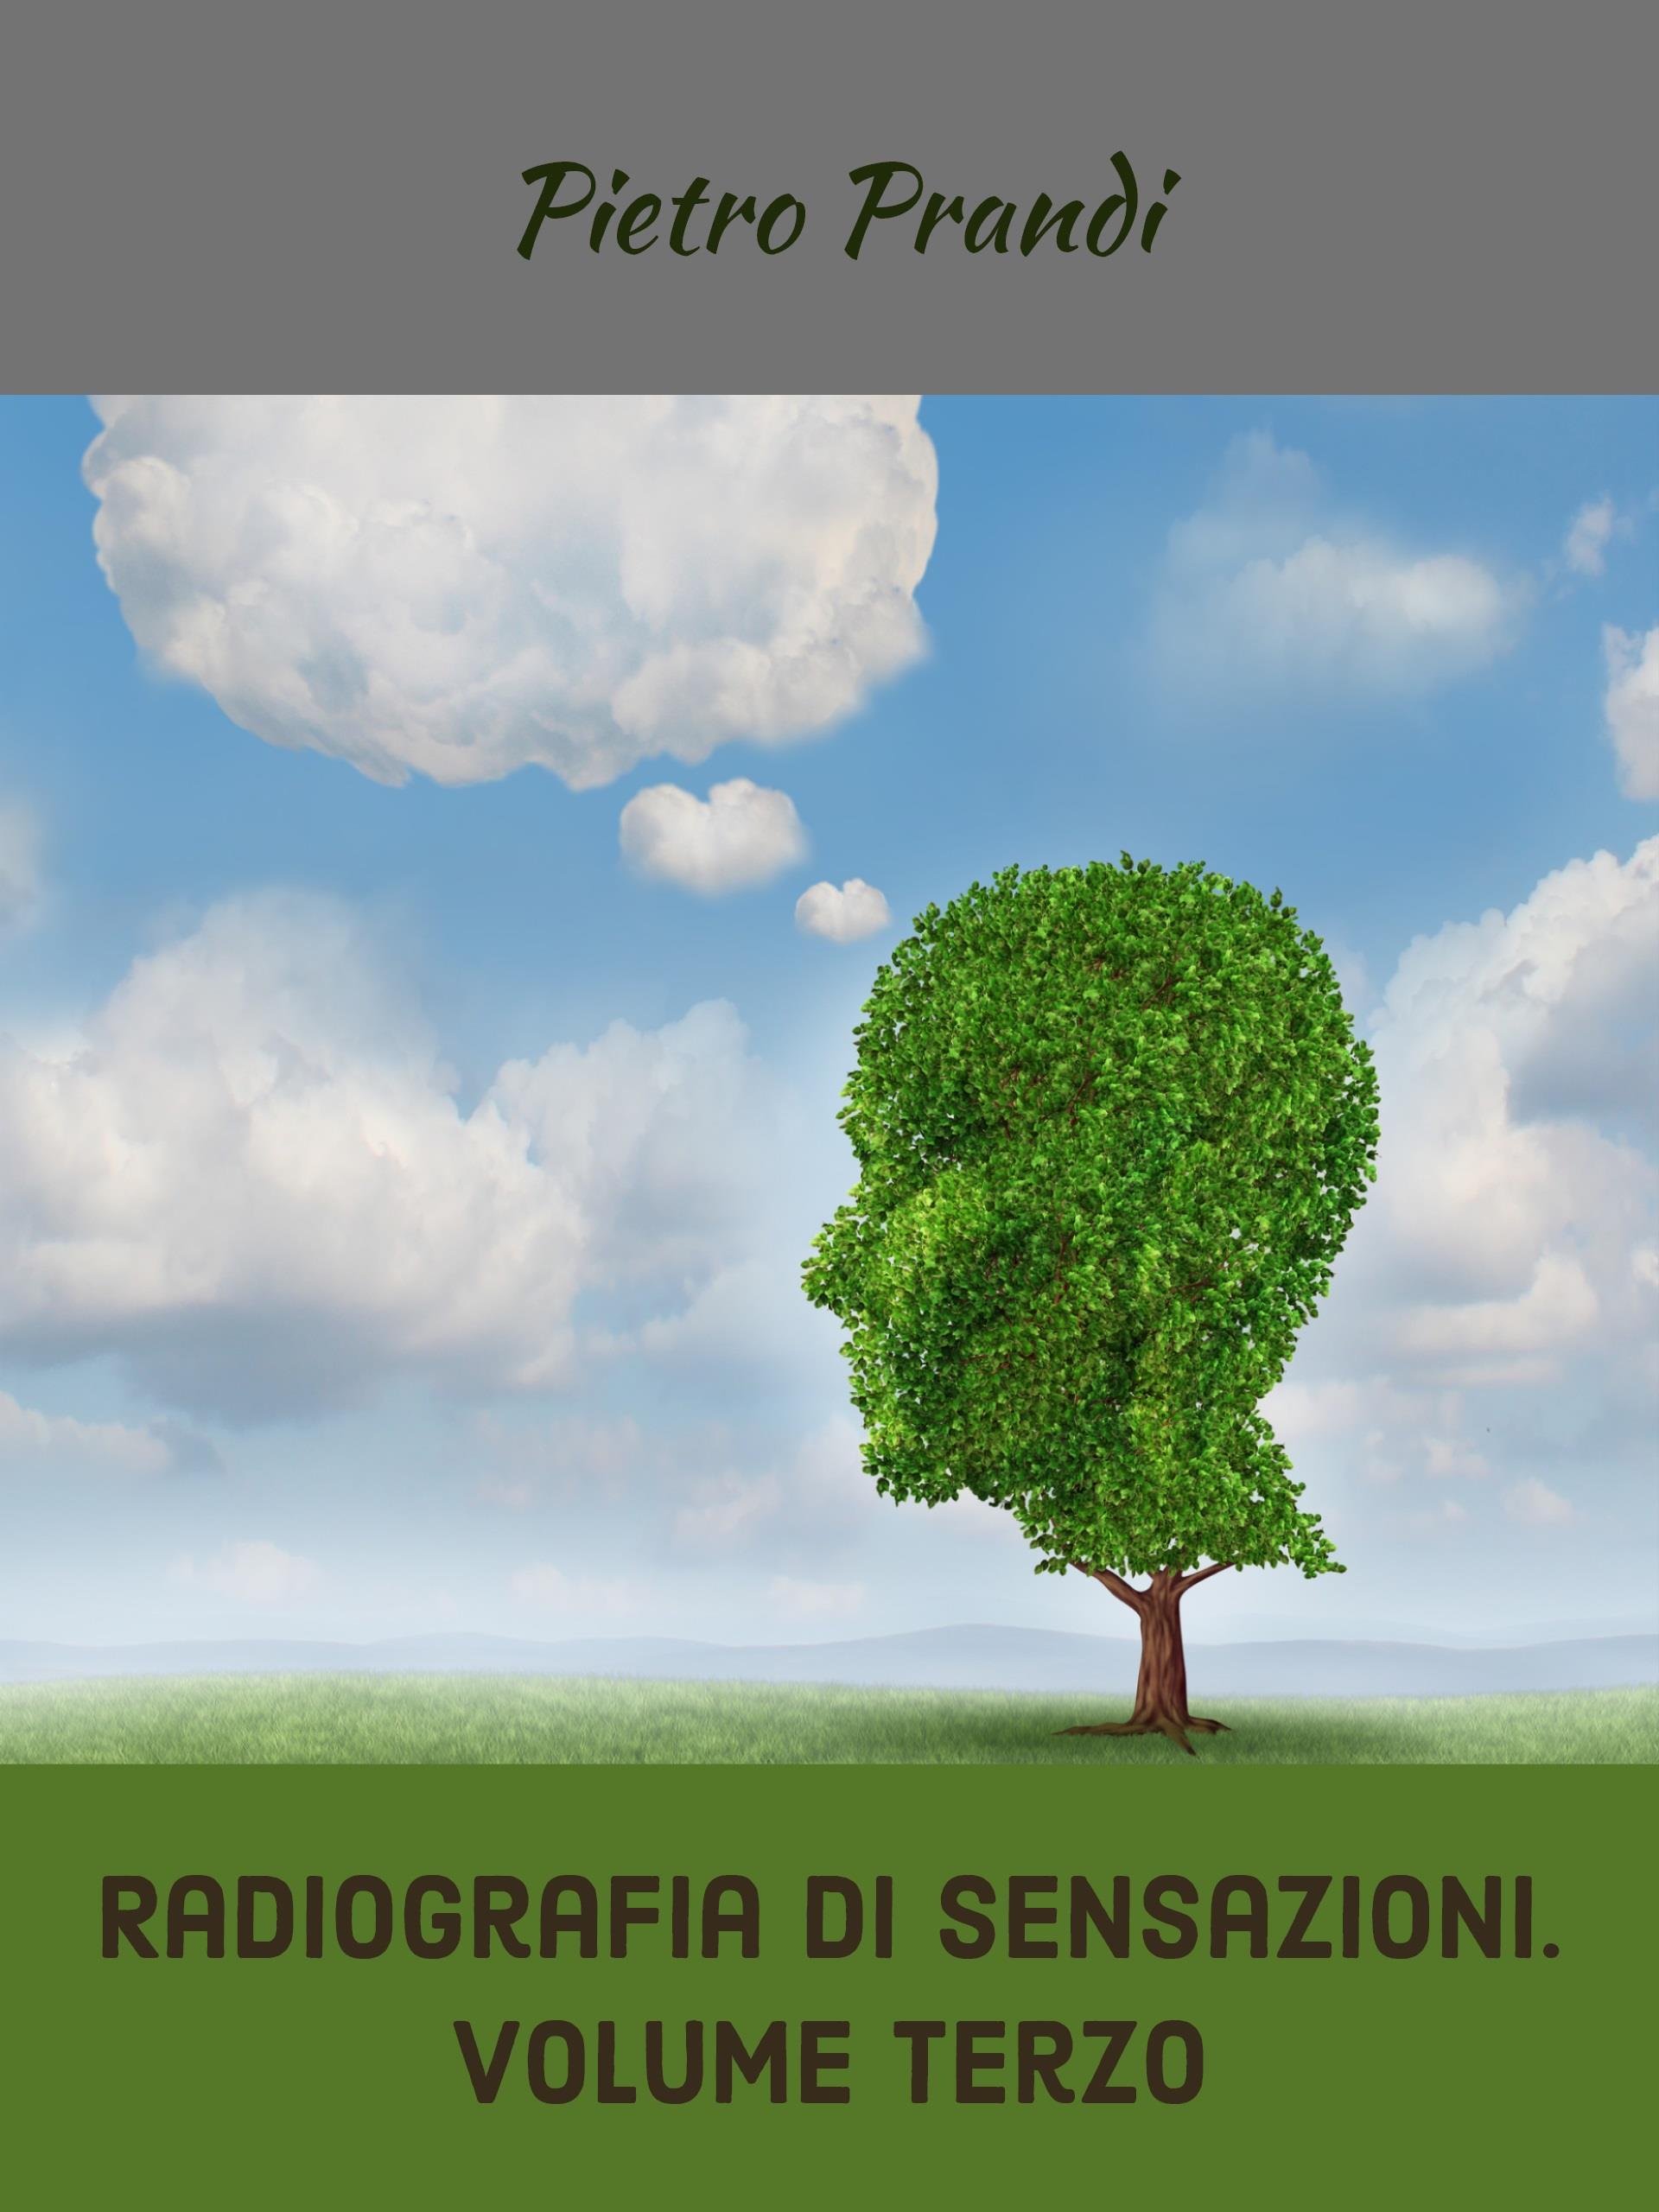 Radiografia di sensazioni. Volume terzo